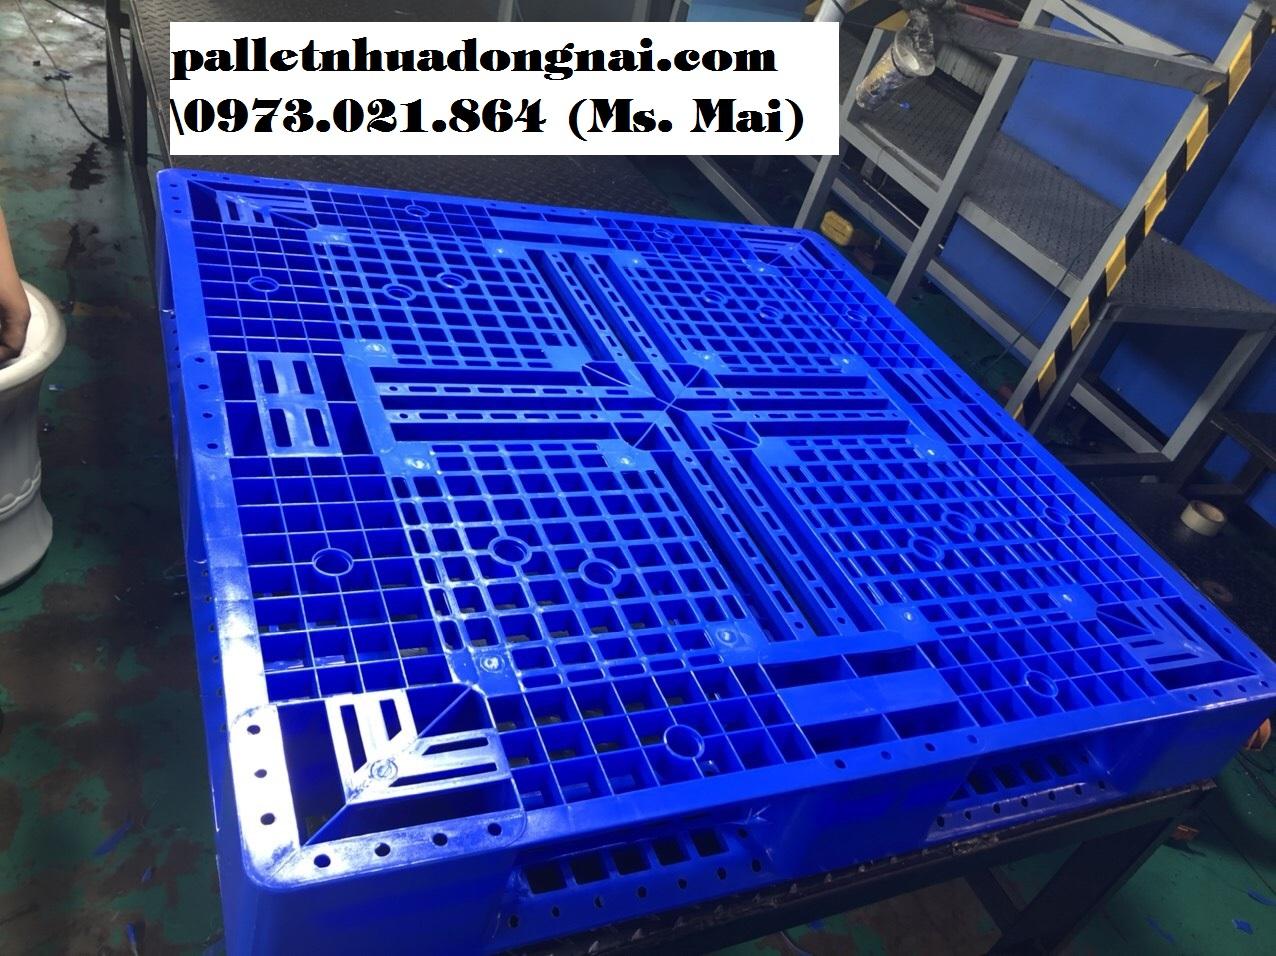 Pallet nhựa Đồng Tháp giá rẻ cạnh tranh, giao hàng tận nơi